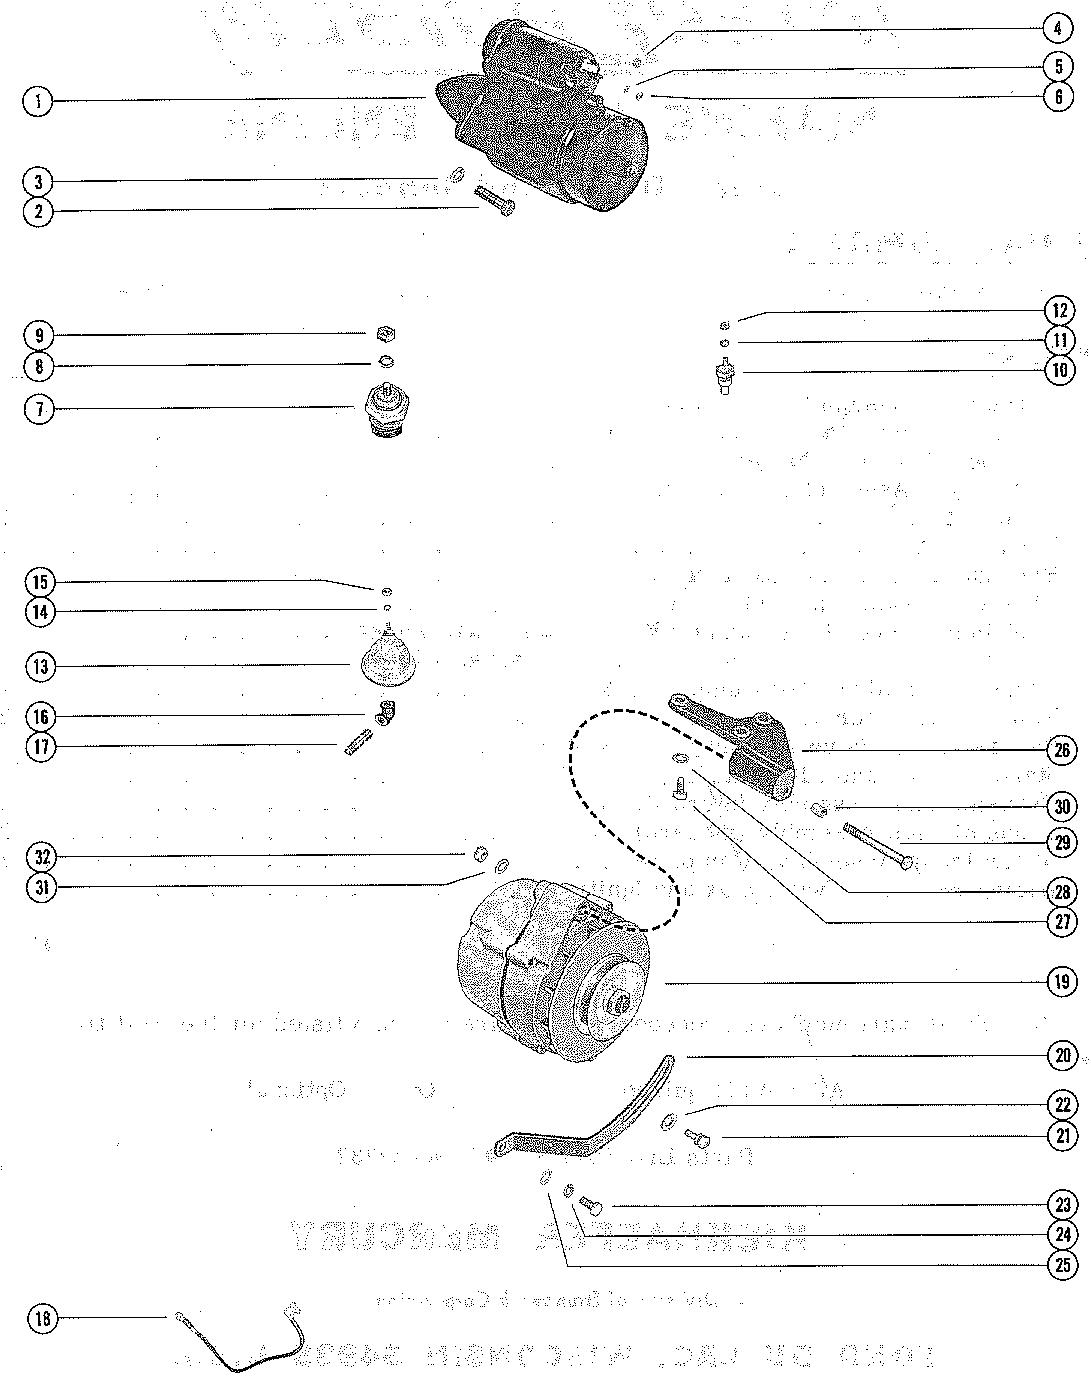 Каталог запчастей MERCRUISER остальные 250 MIE GM 327 V-8